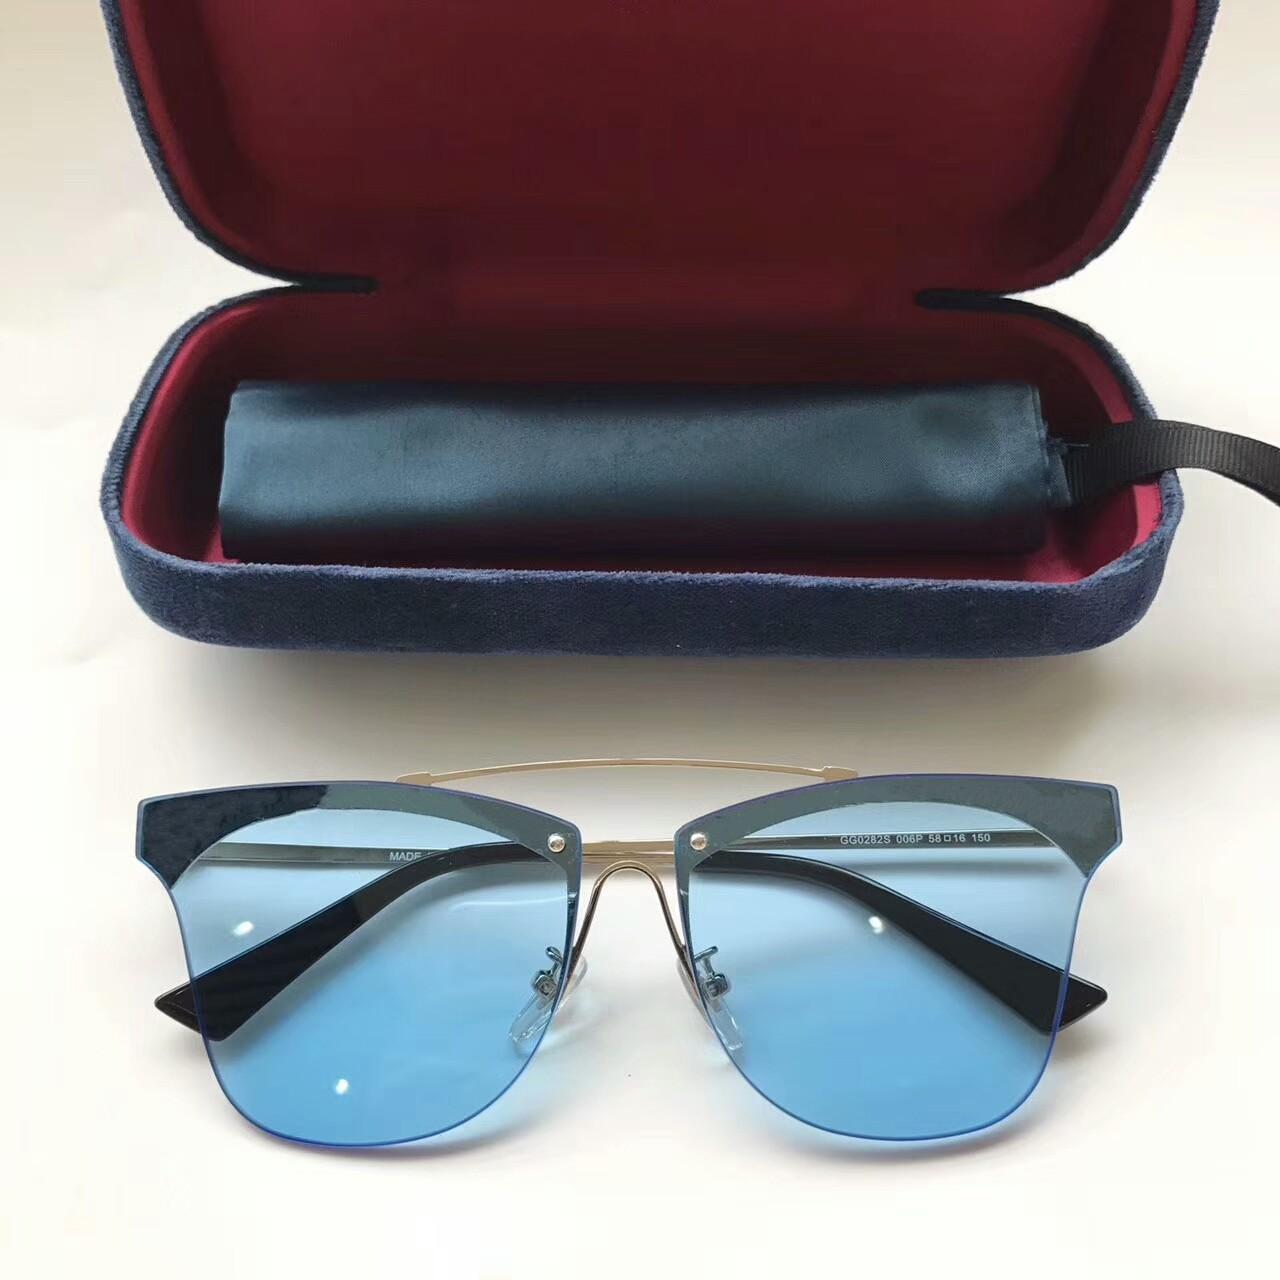 marque lunettes de soleil designer G0282S lunettes de soleil pour femmes femmes lunettes de soleil femmes marque designer revêtement UV protection été hommes lunettes de soleil